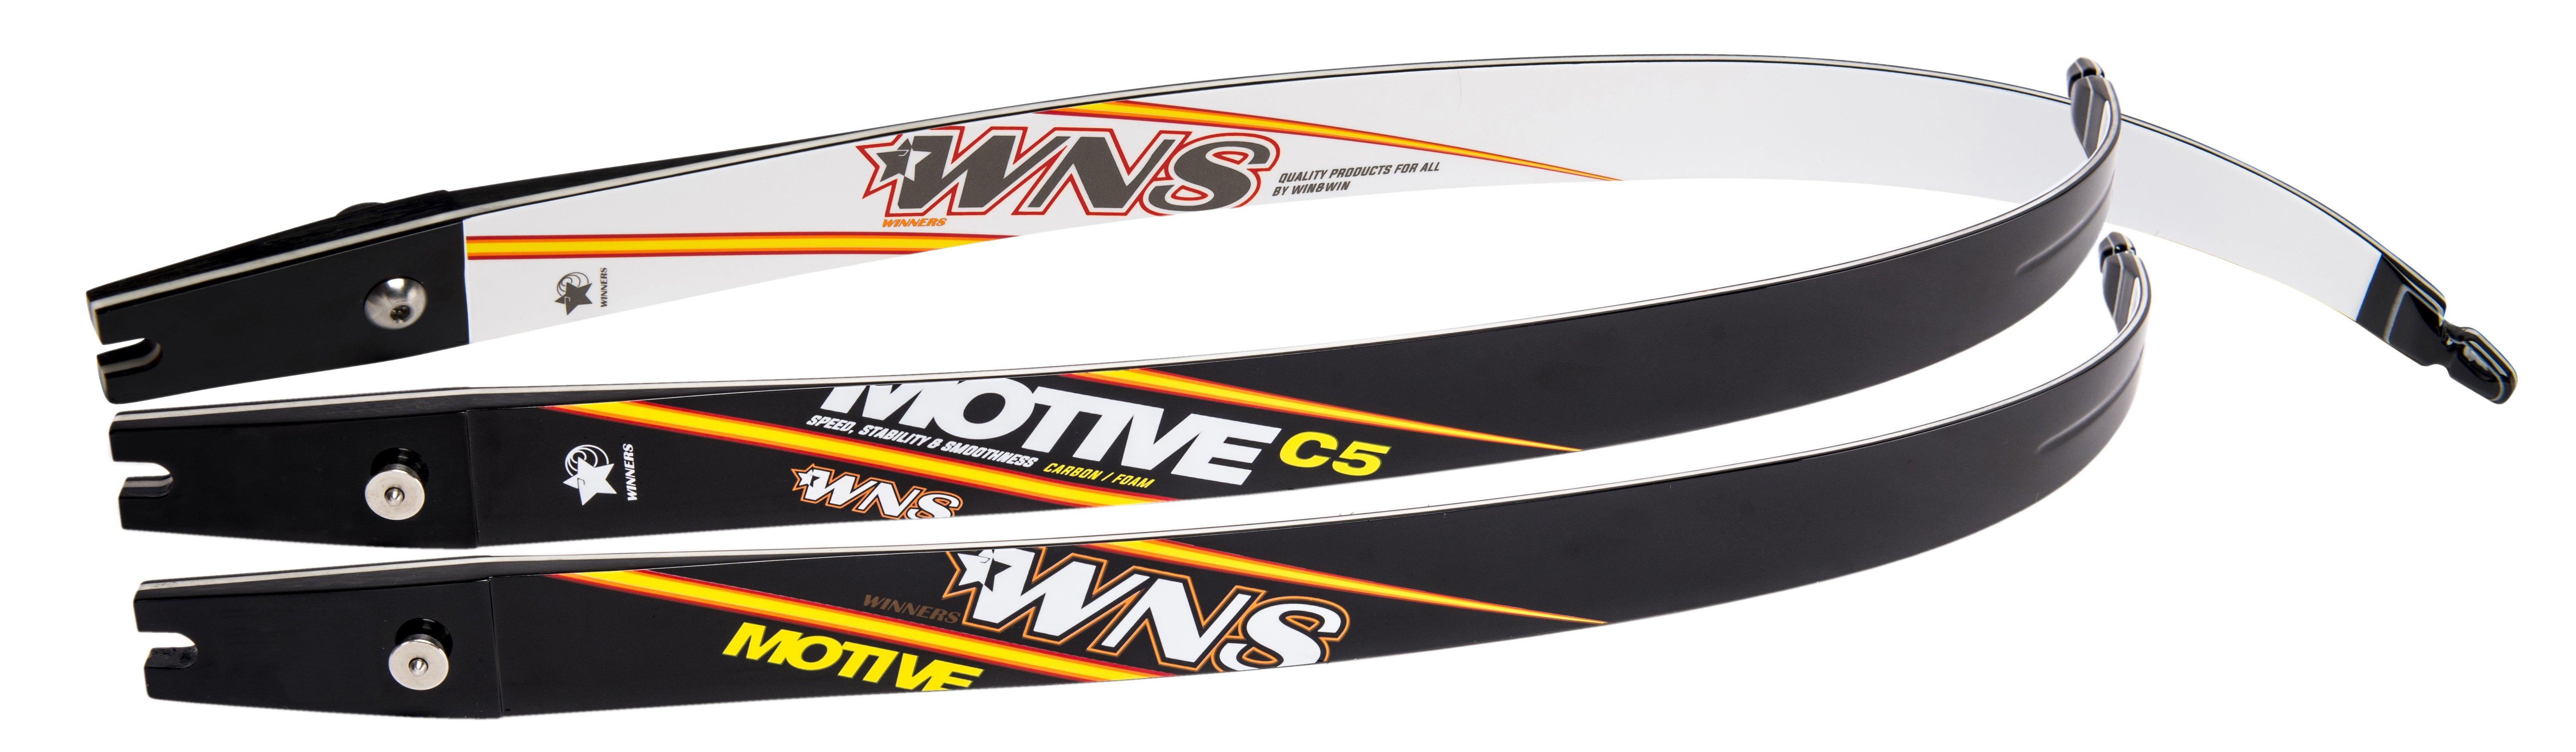 Winners Motive C5 Carbon / Foam Recurve Wurfarme, Wurfarme - est-bogensport.de